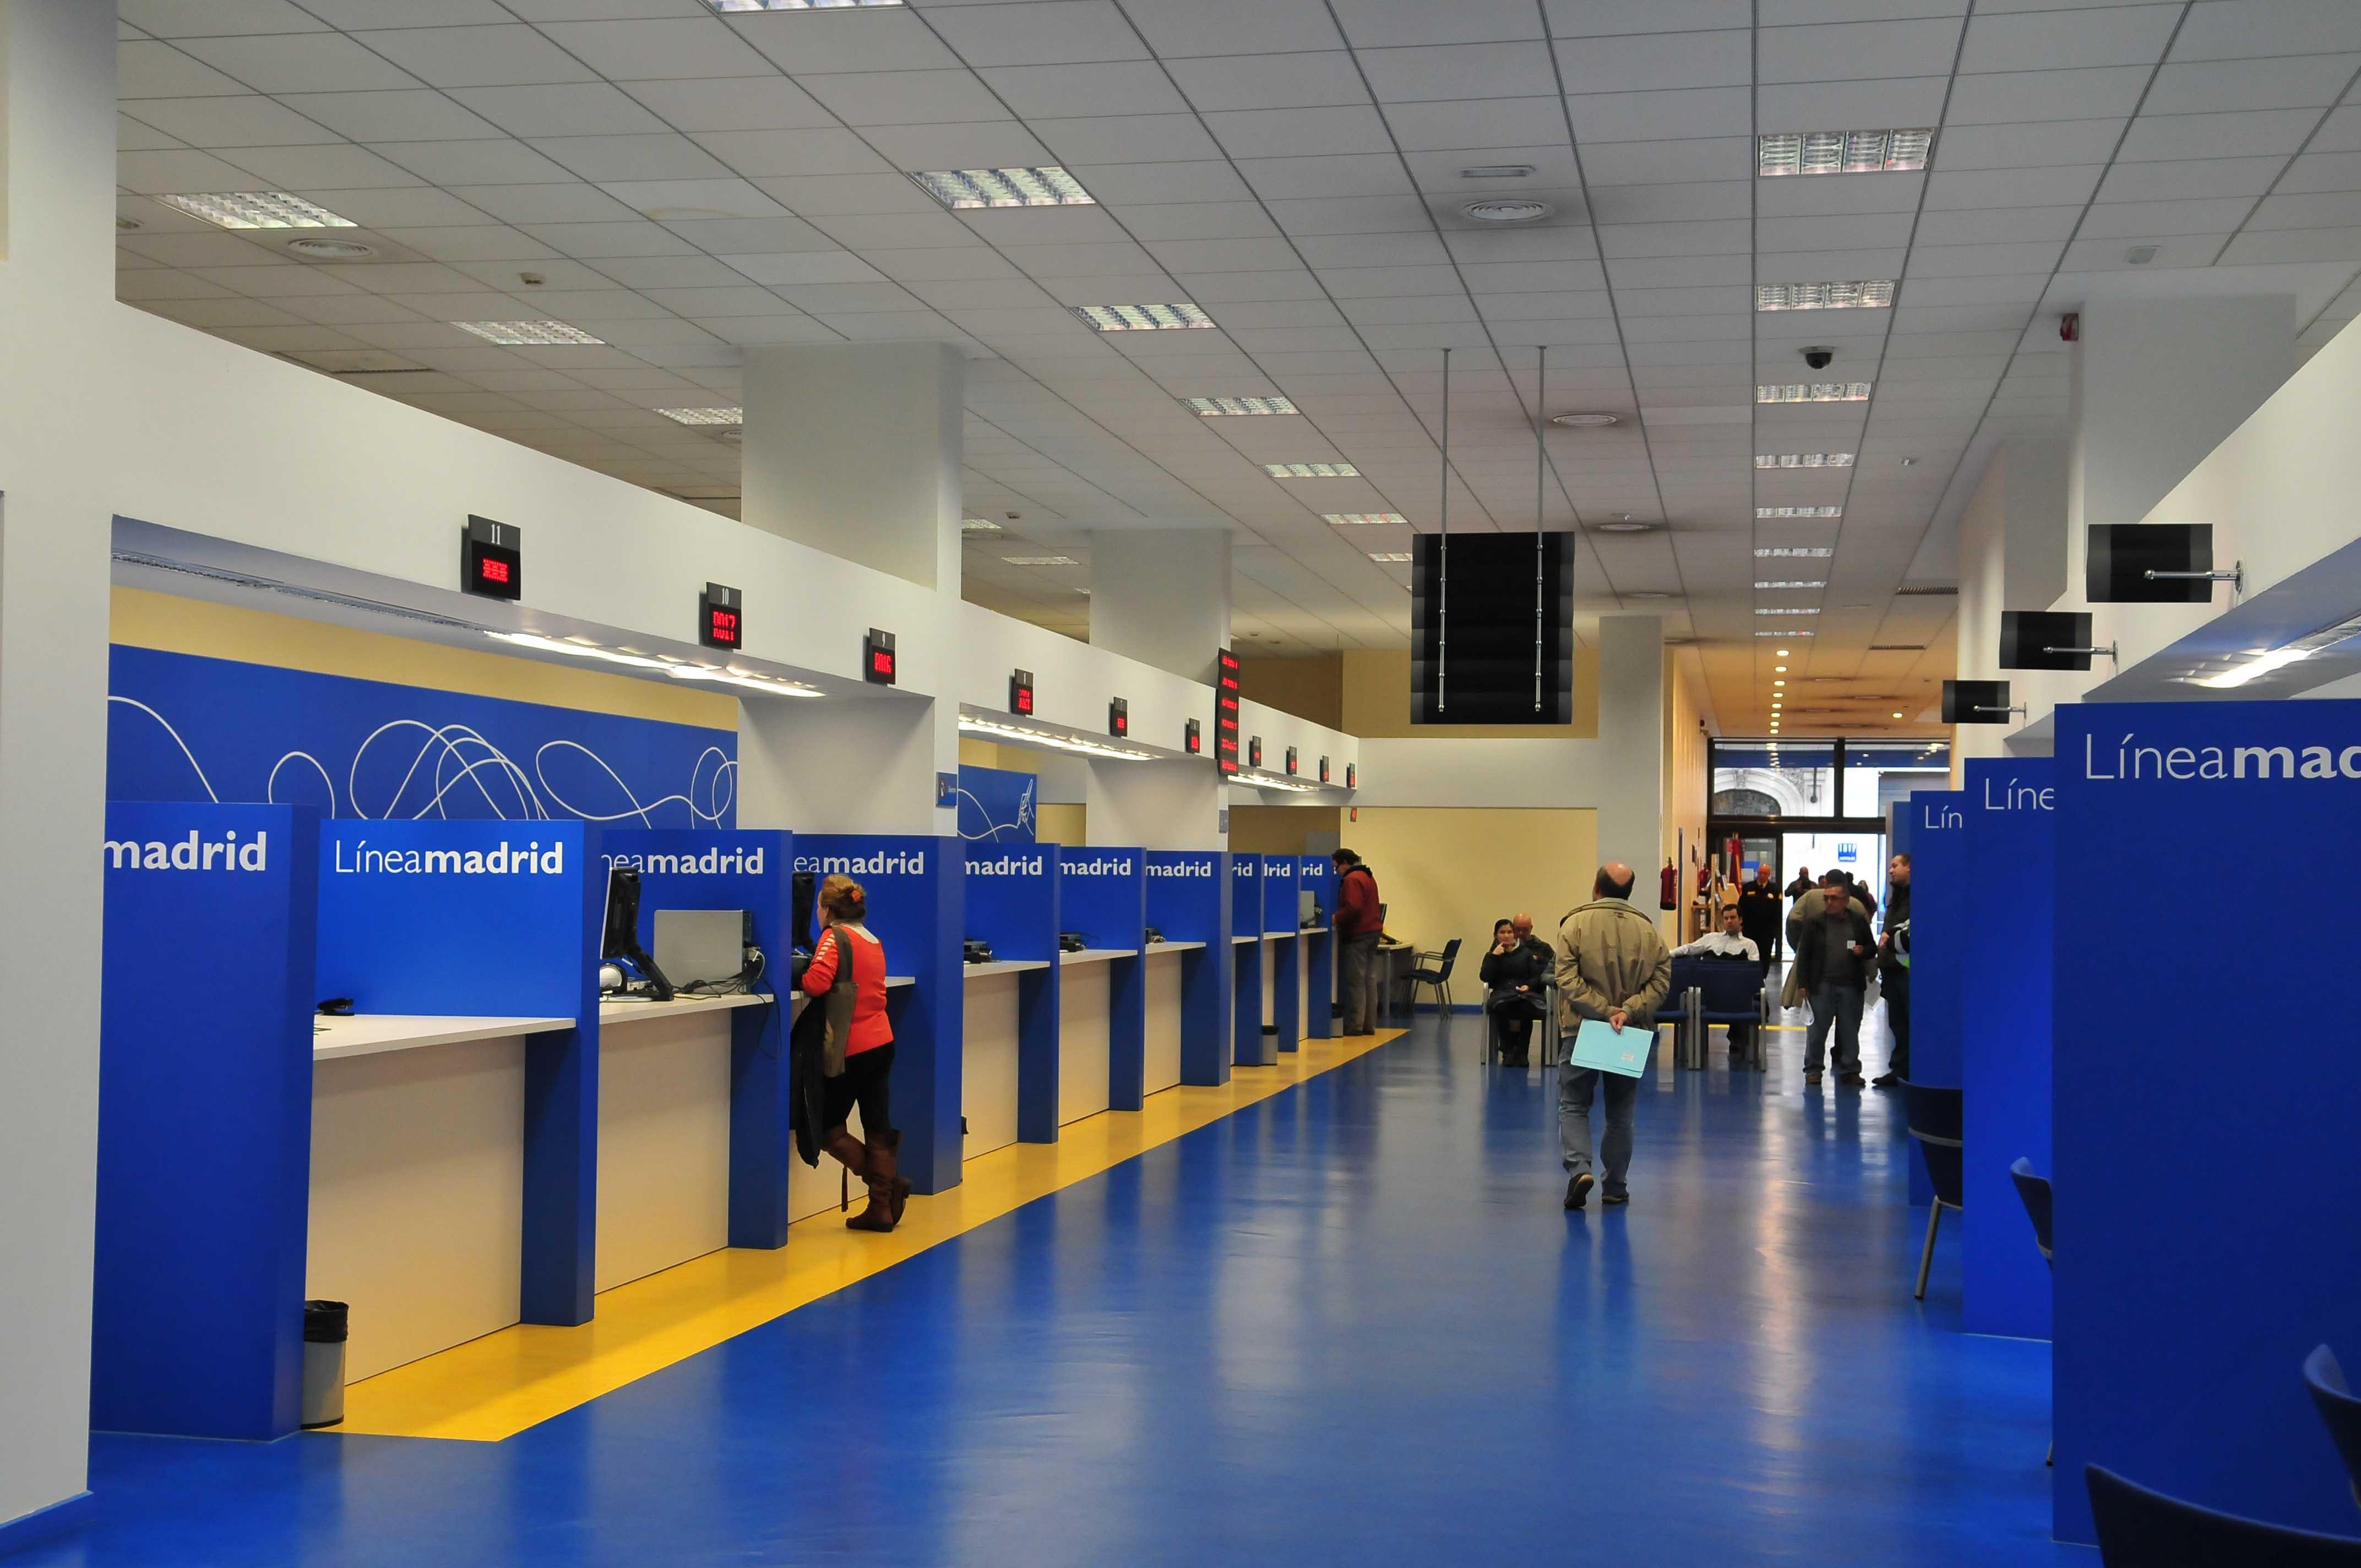 L nea madrid facilita el acceso a la carpeta del ciudadano for Oficina de atencion al ciudadano linea madrid